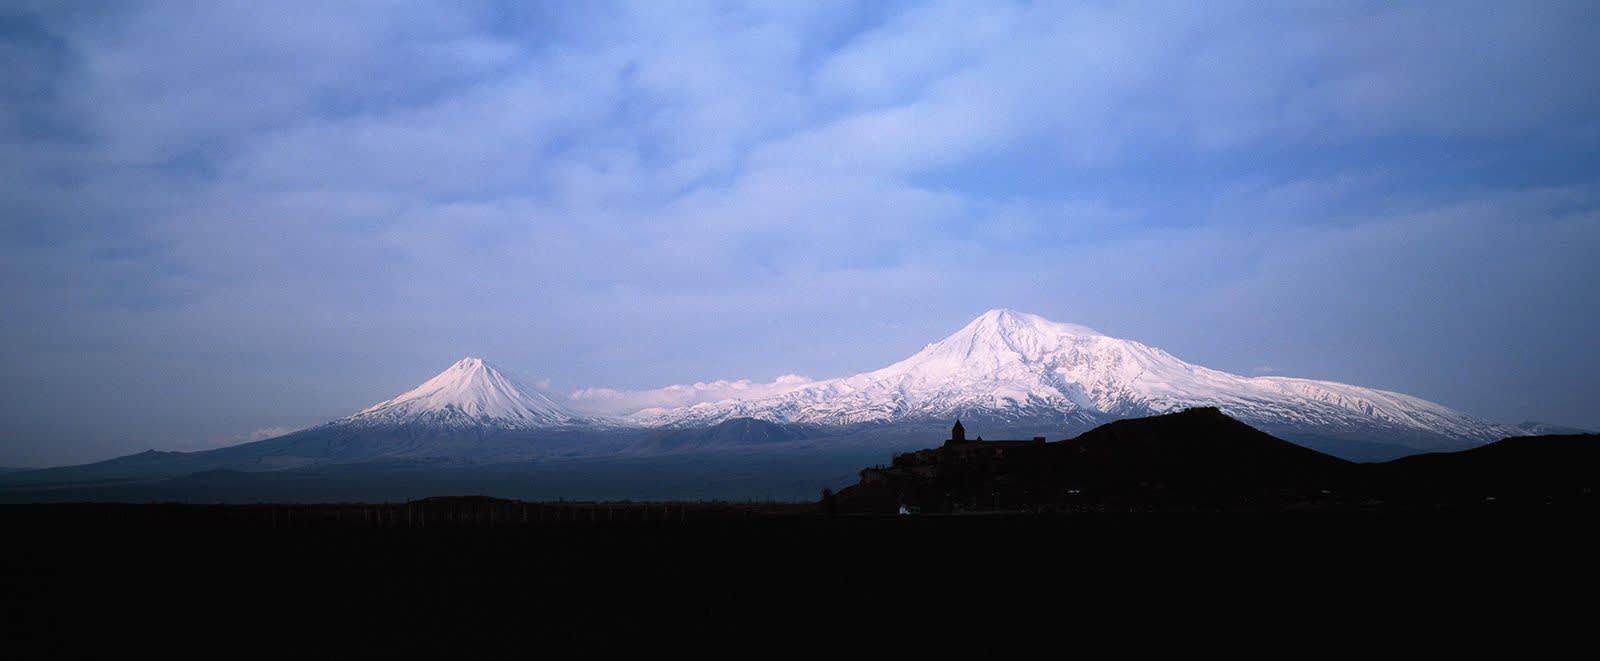 Matjaž Krivic, Ararat, Turkey